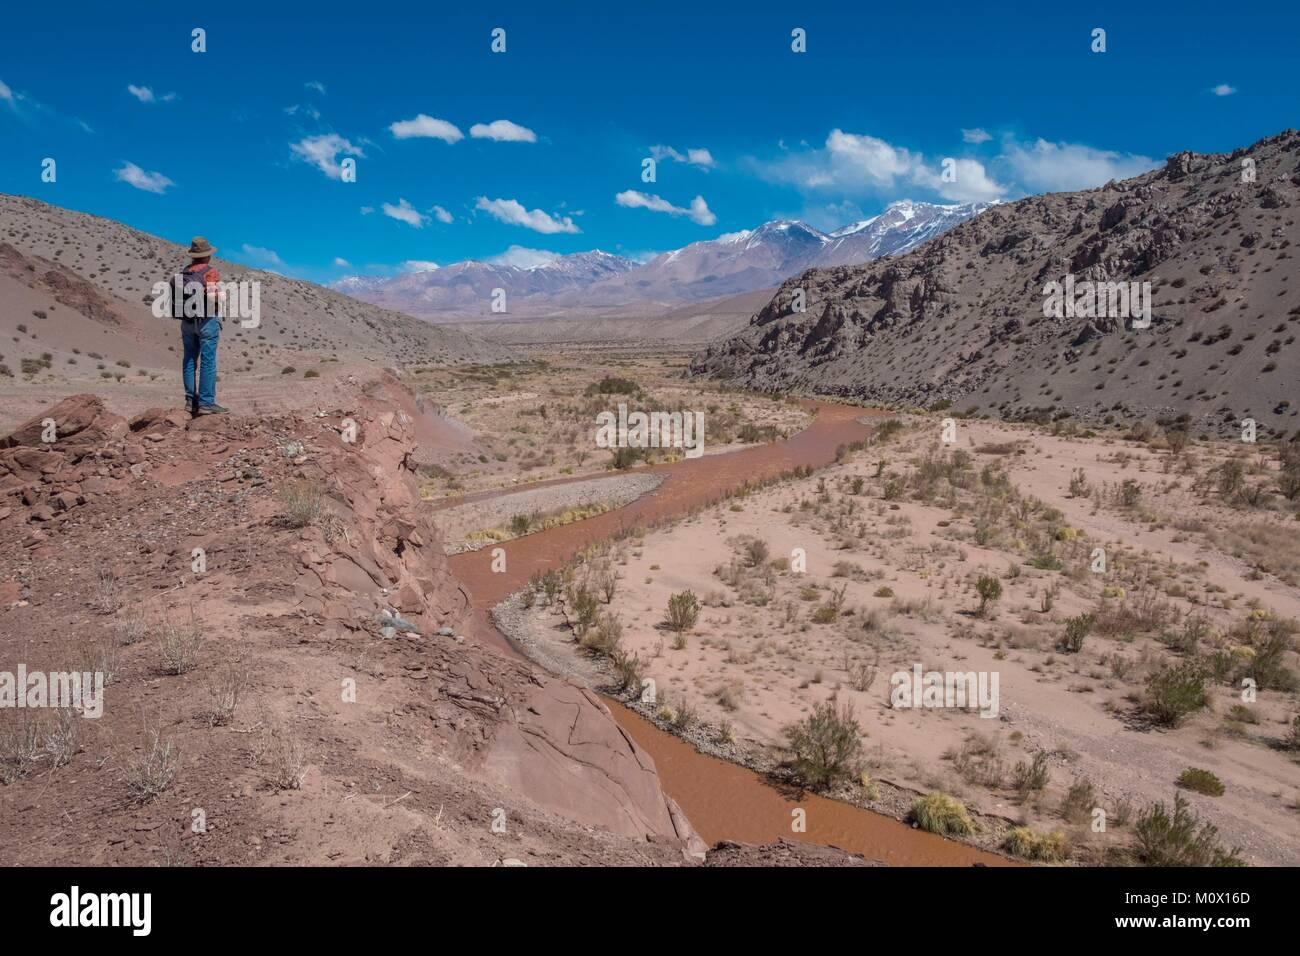 L'Argentina,San Juan provincia,Barreal,Rio de Los Patos valley Immagini Stock